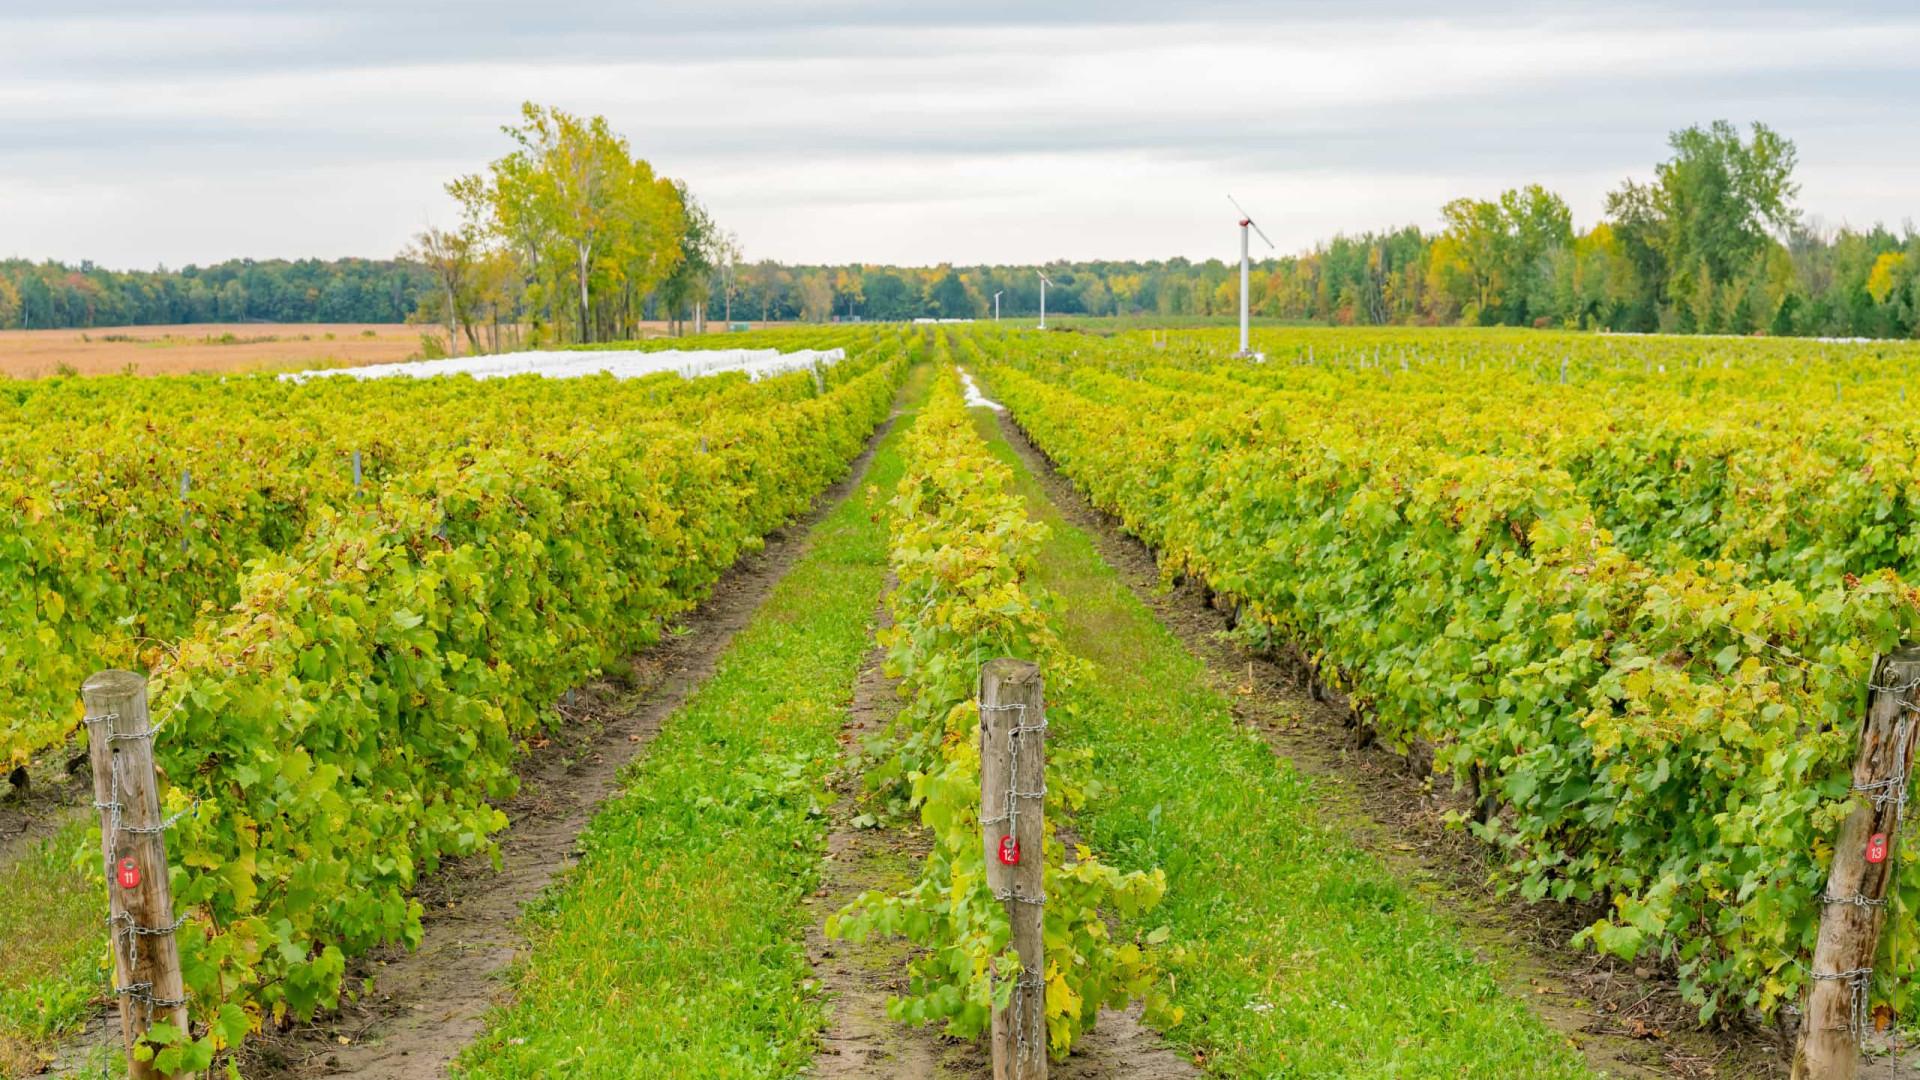 Ladrões roubam meia tonelada de uvas de vinha na véspera da colheita